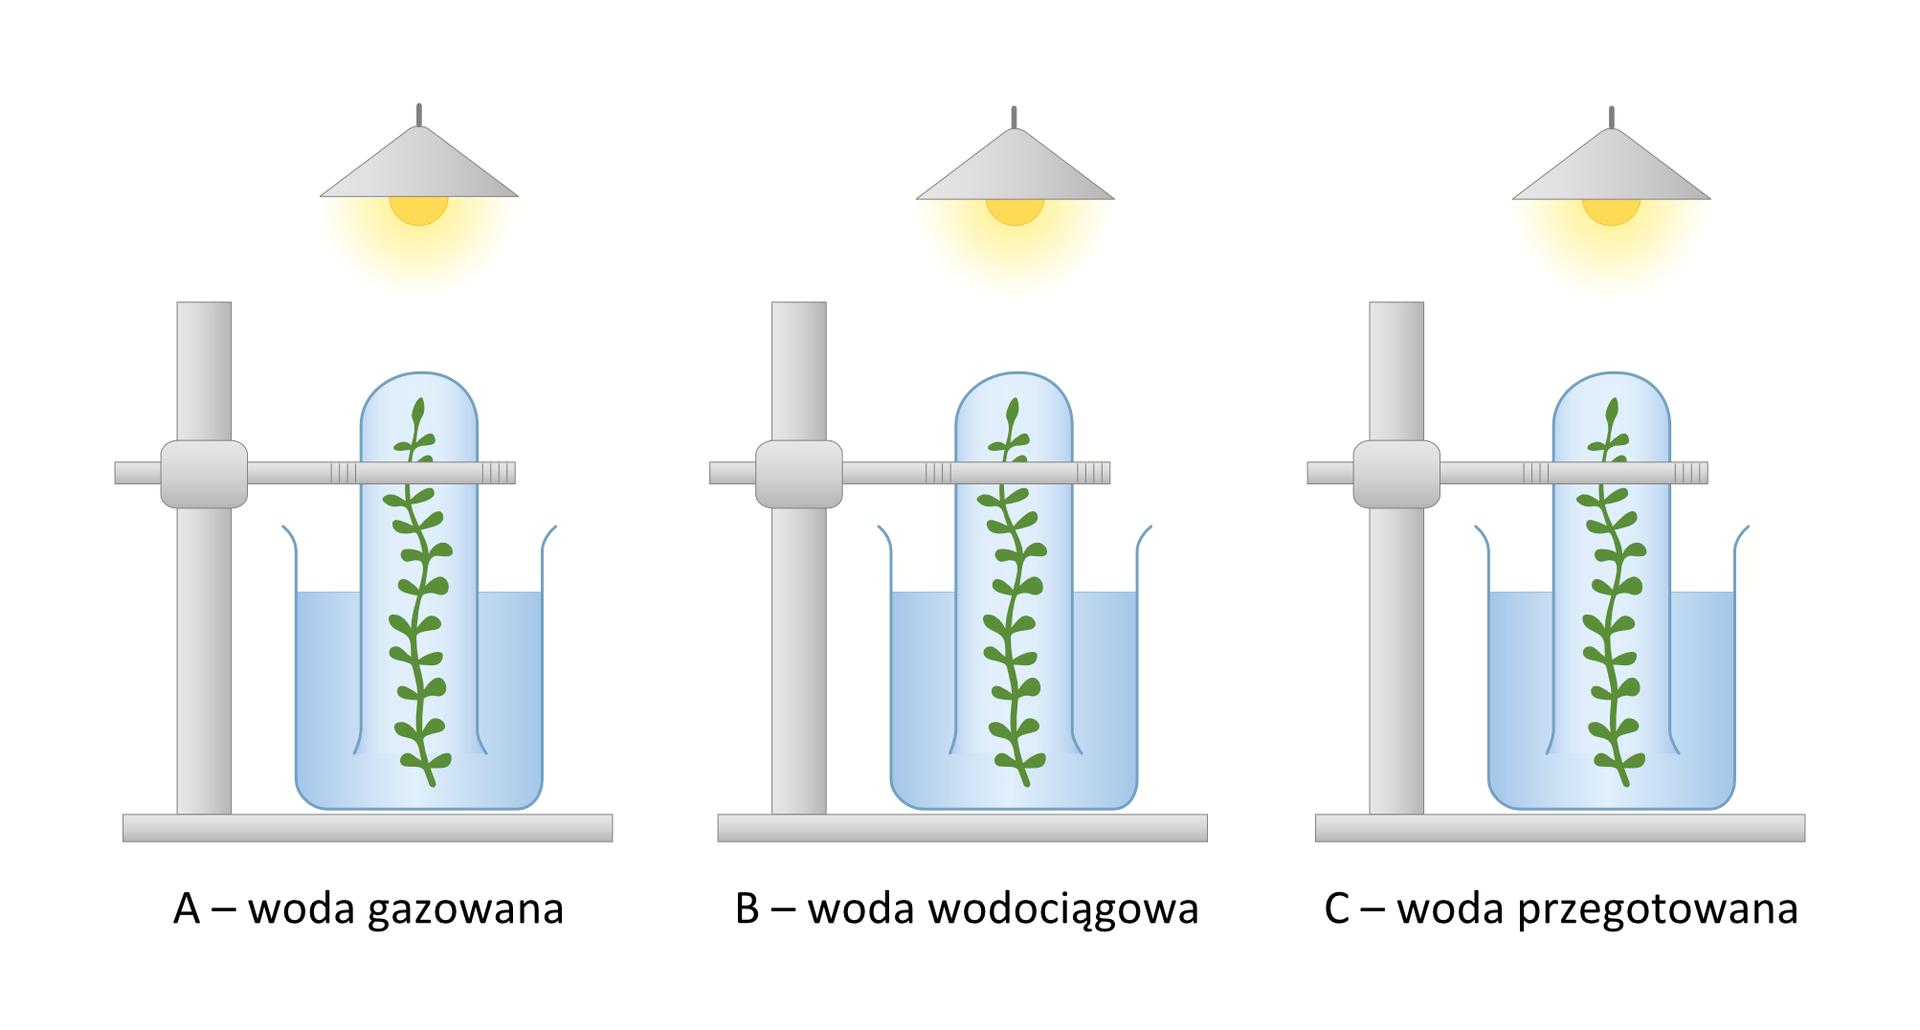 Grafika ilustrująca przebieg doświadczenia mającego na celu zadanie wpływu dwutlenku węgla na intensywność fotosyntezy